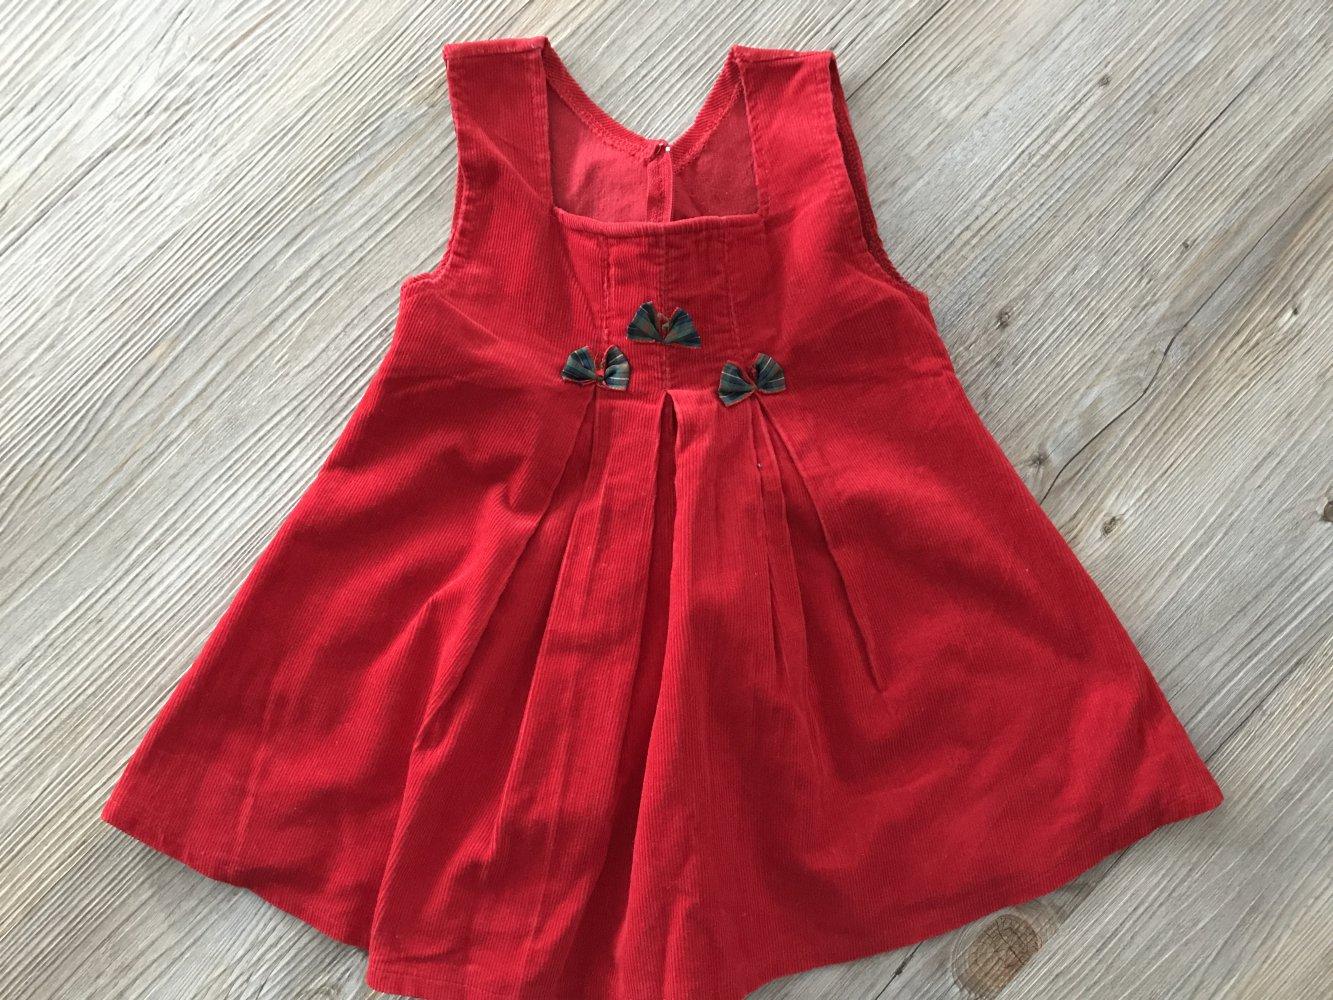 Schönes rotes Kleid für festlichen Anlass in Gr. 20